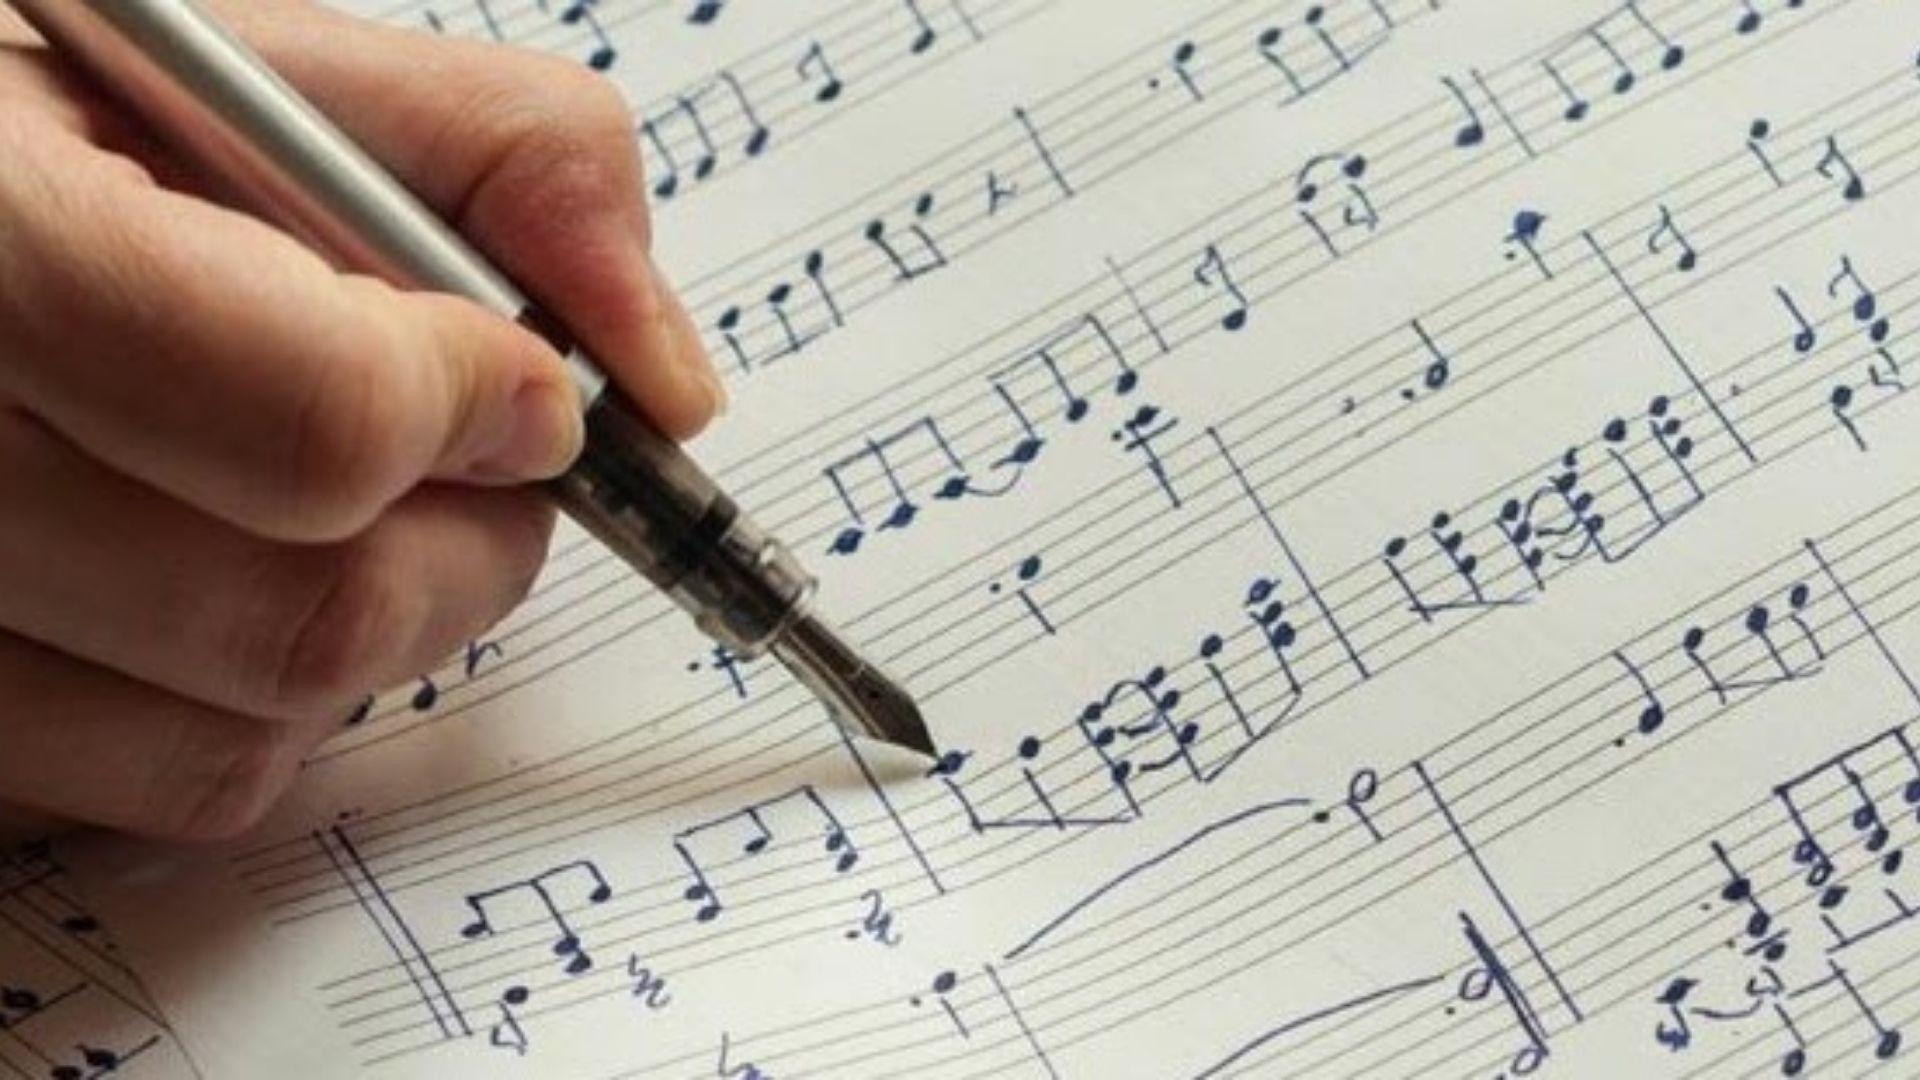 arte allegro - compás - escuela de musica online - lenguaje musical